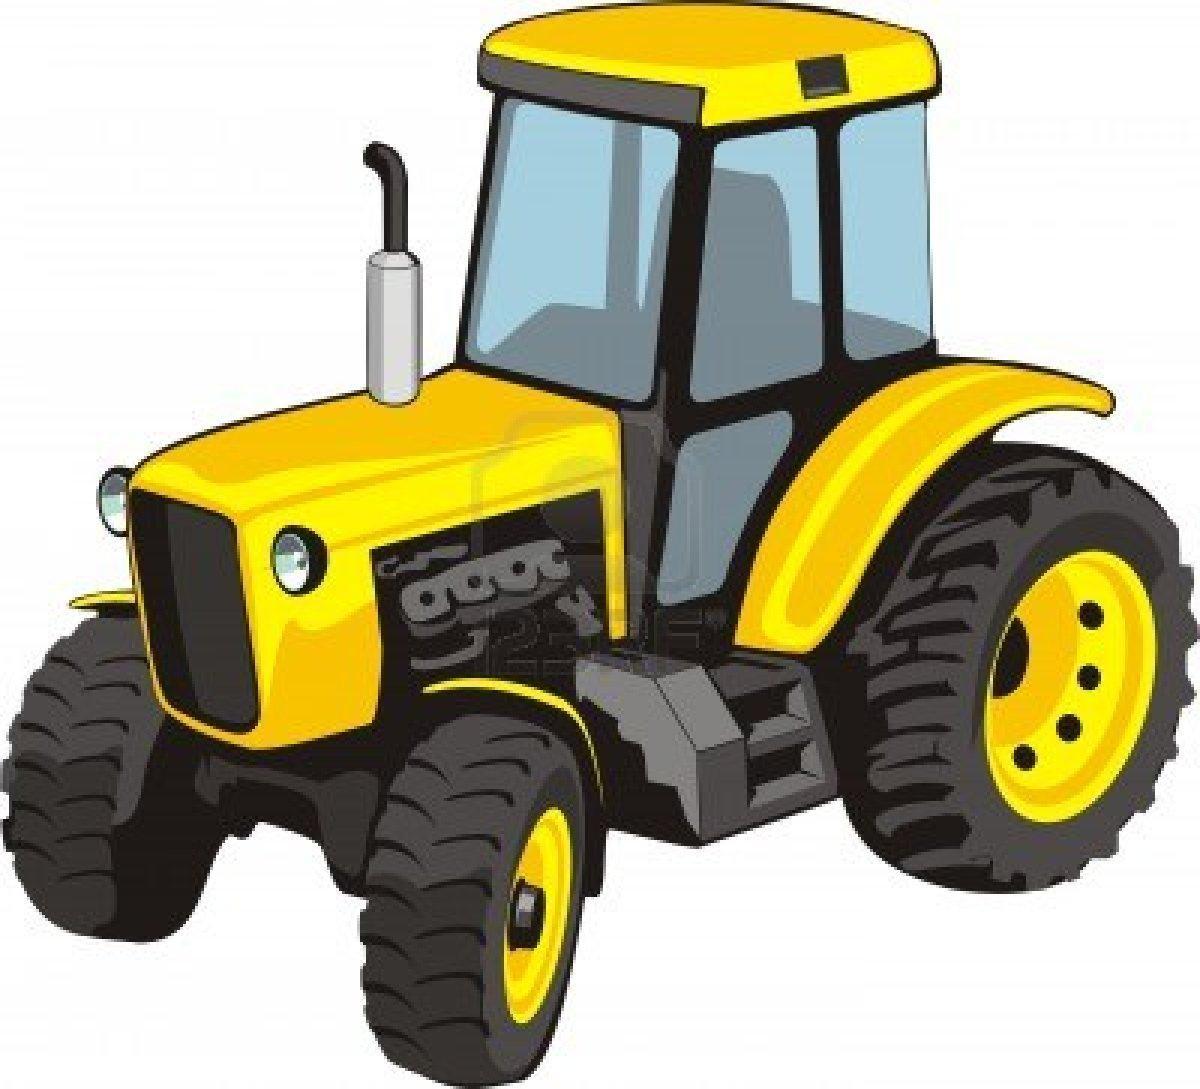 Dessin Tracteur Avec Fourche Coloriage Gratuit Imprimer tout Coloriage Tracteur Tom À Imprimer